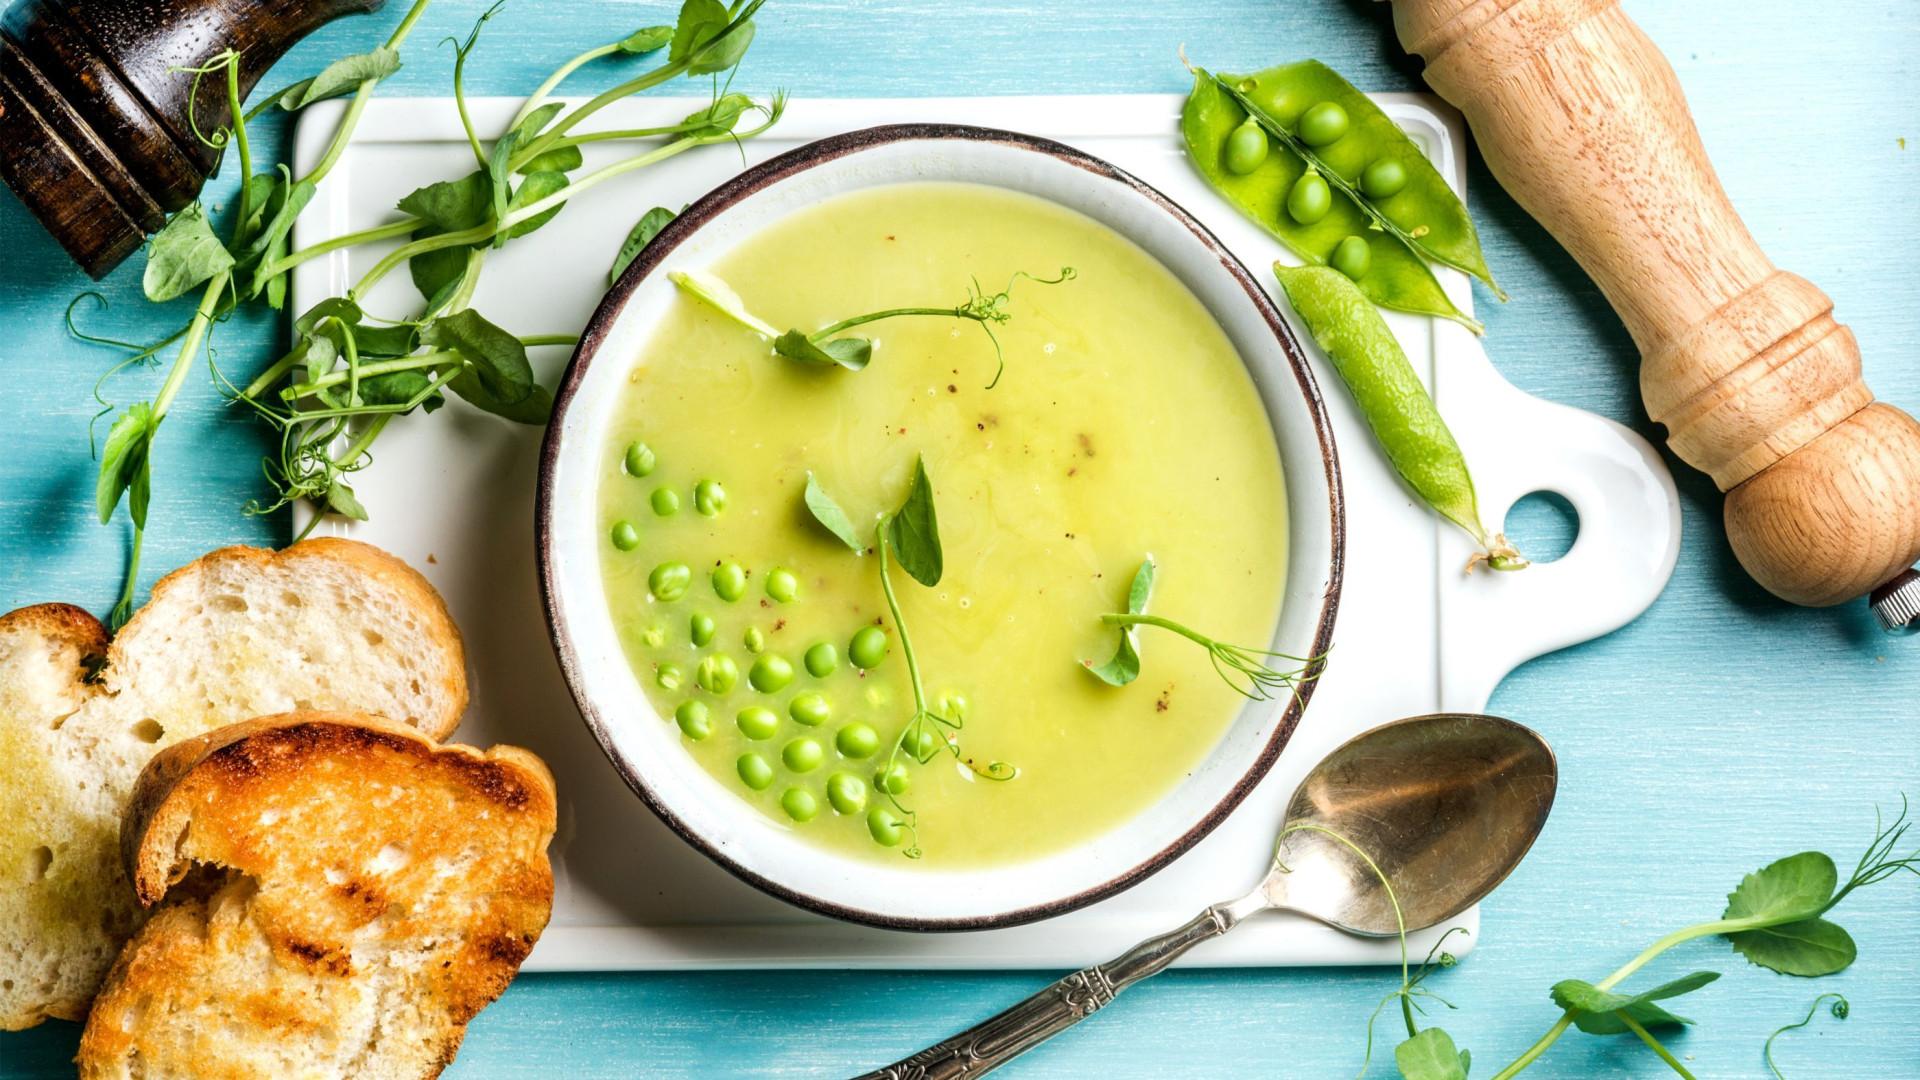 Fazer uma sopa talvez não seja assim tão simples. Os 6 erros mais comuns